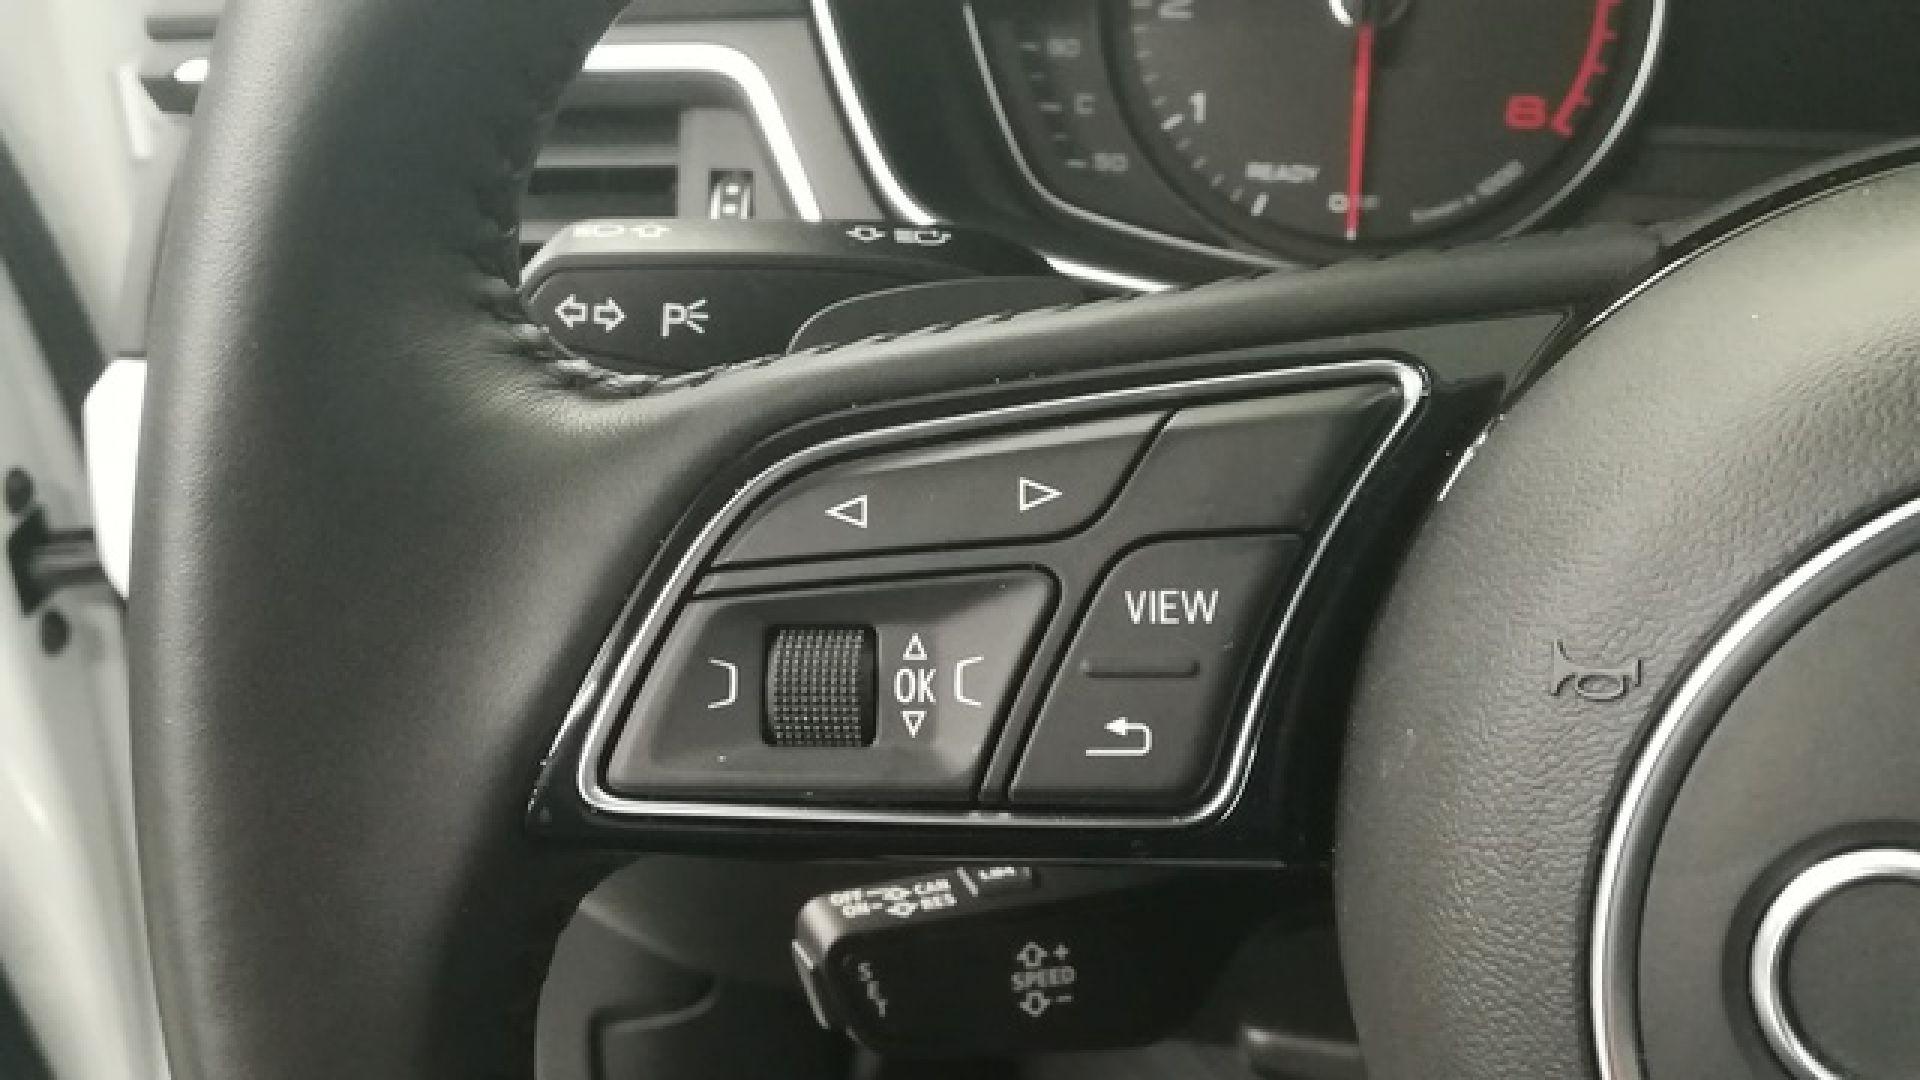 Audi A4 1.4 TFSI 110 kW (150 CV)